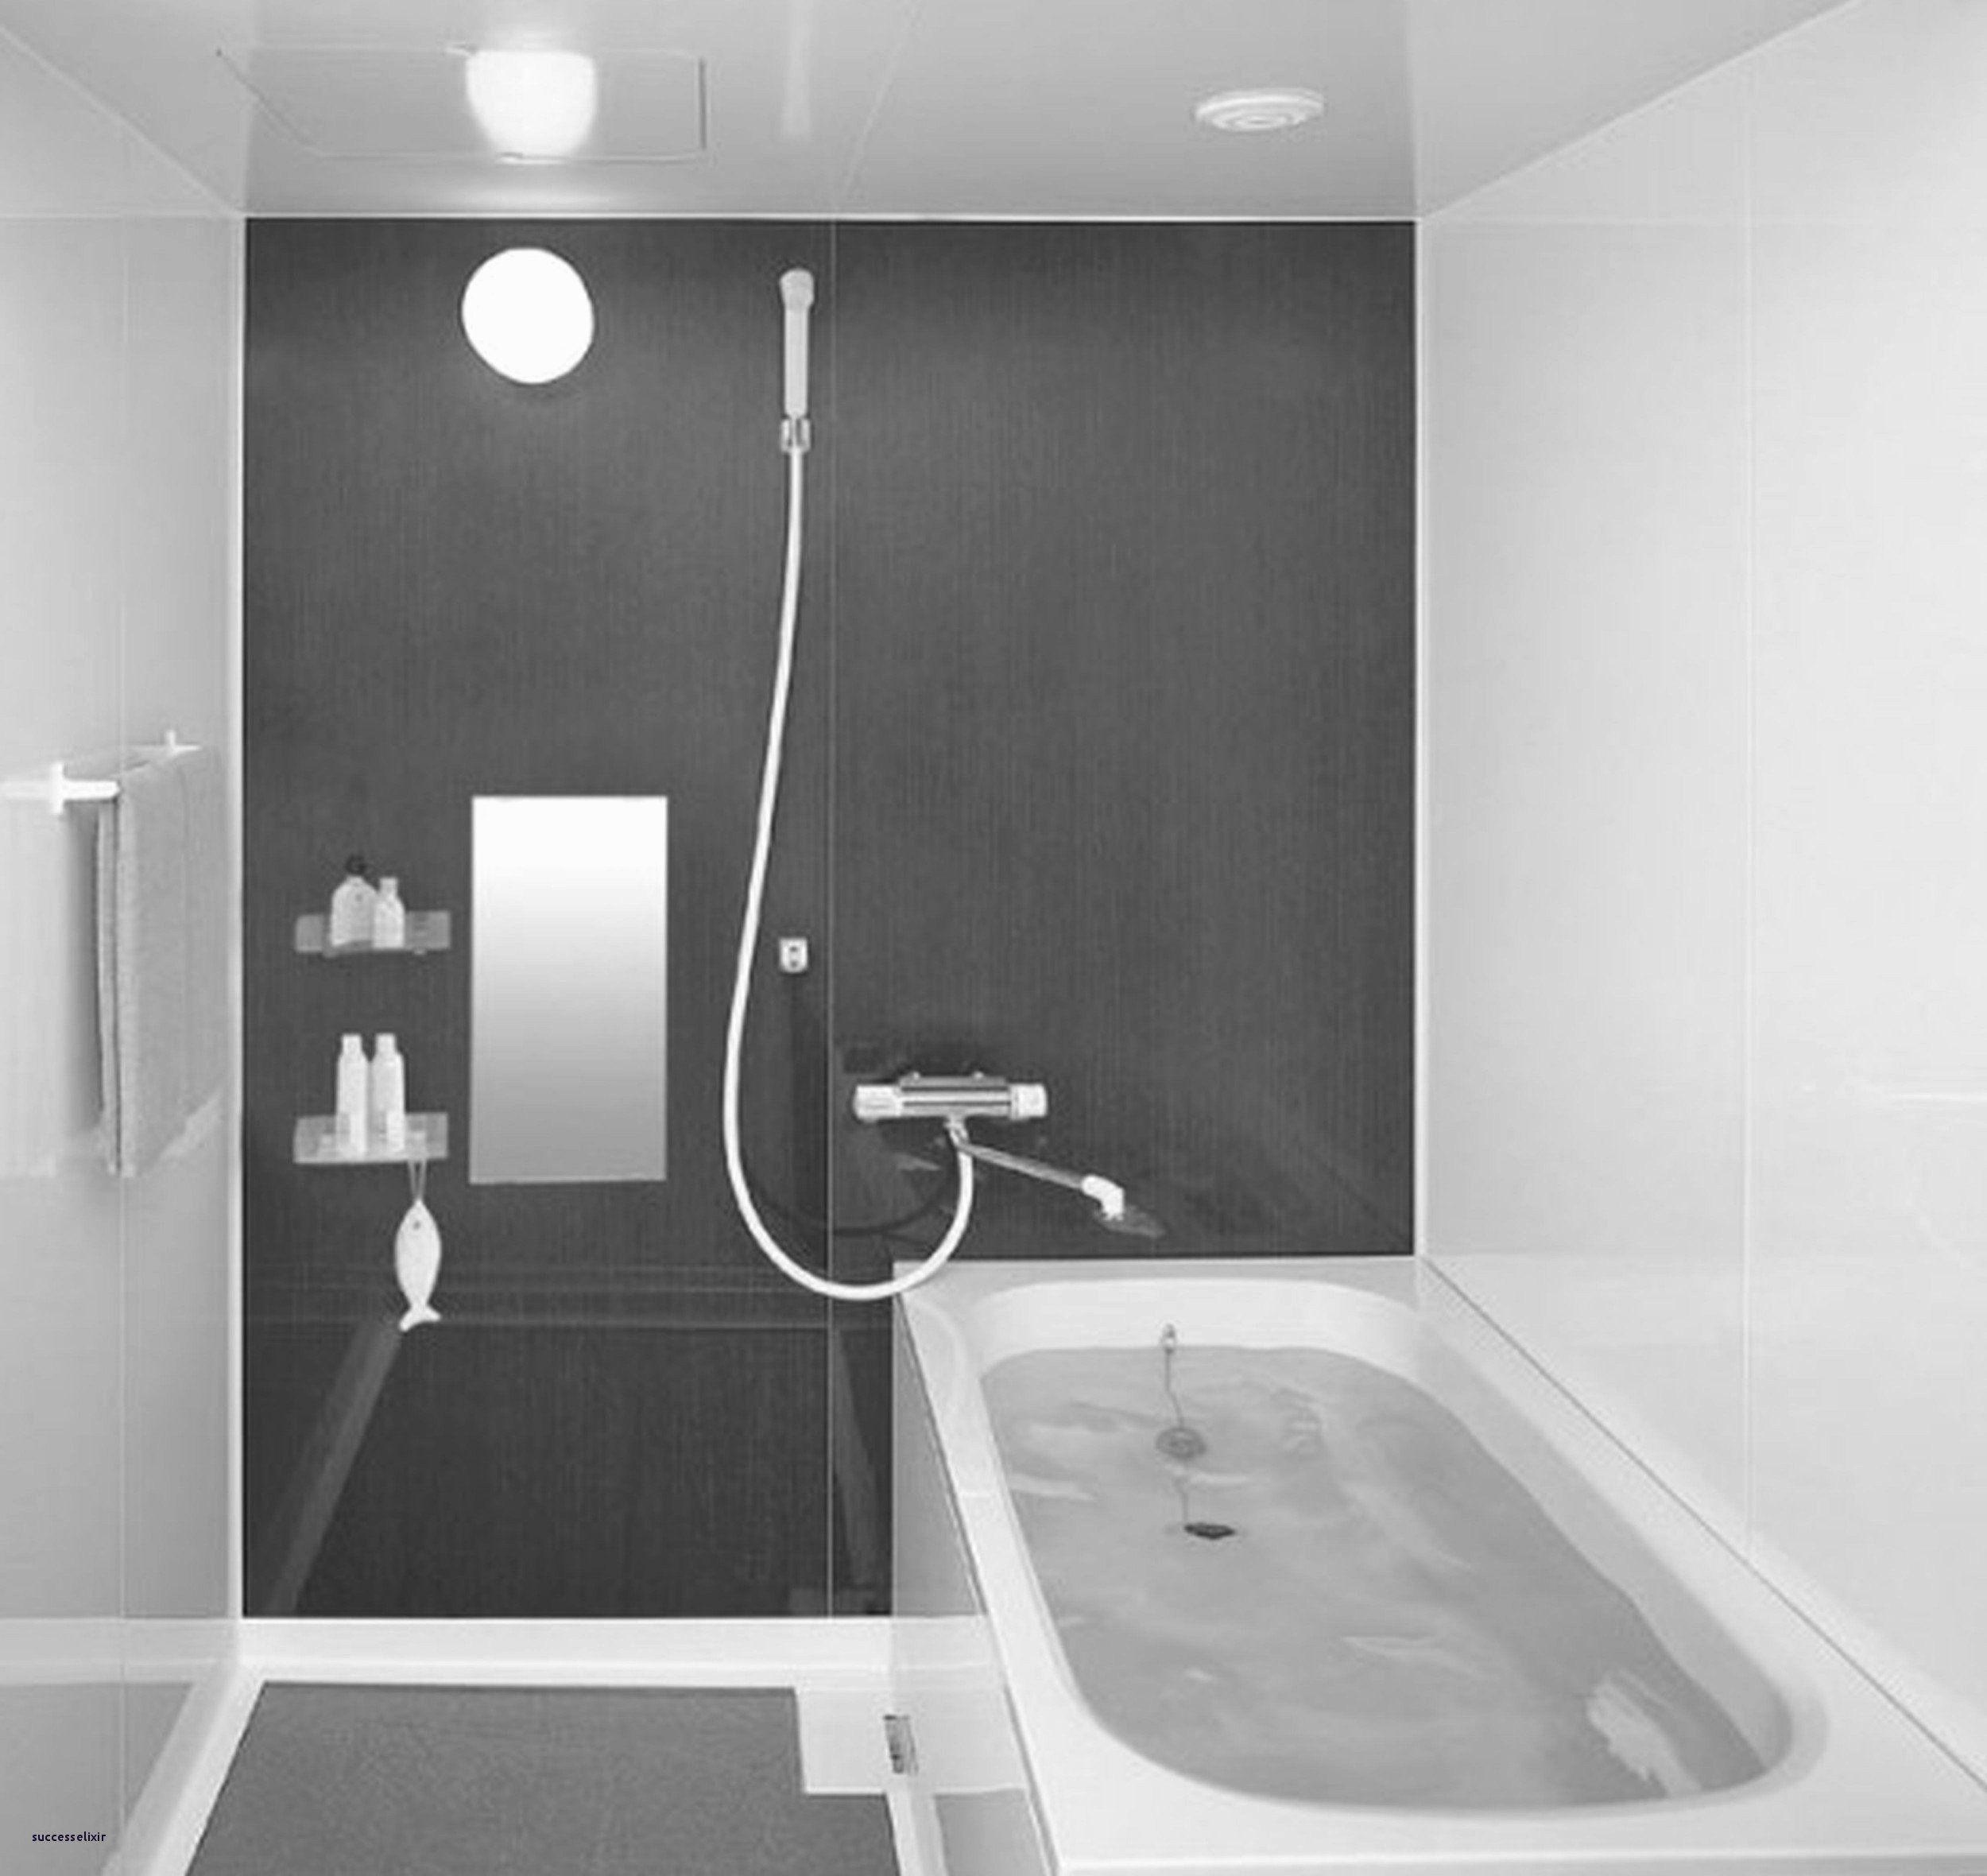 Home Depot Bathroom Design Center Elegant 20 Unique Home Depot Room Dividers In 2020 Unique Bathroom Tiles Pictures For Bathroom Walls Black And White Tiles Bathroom